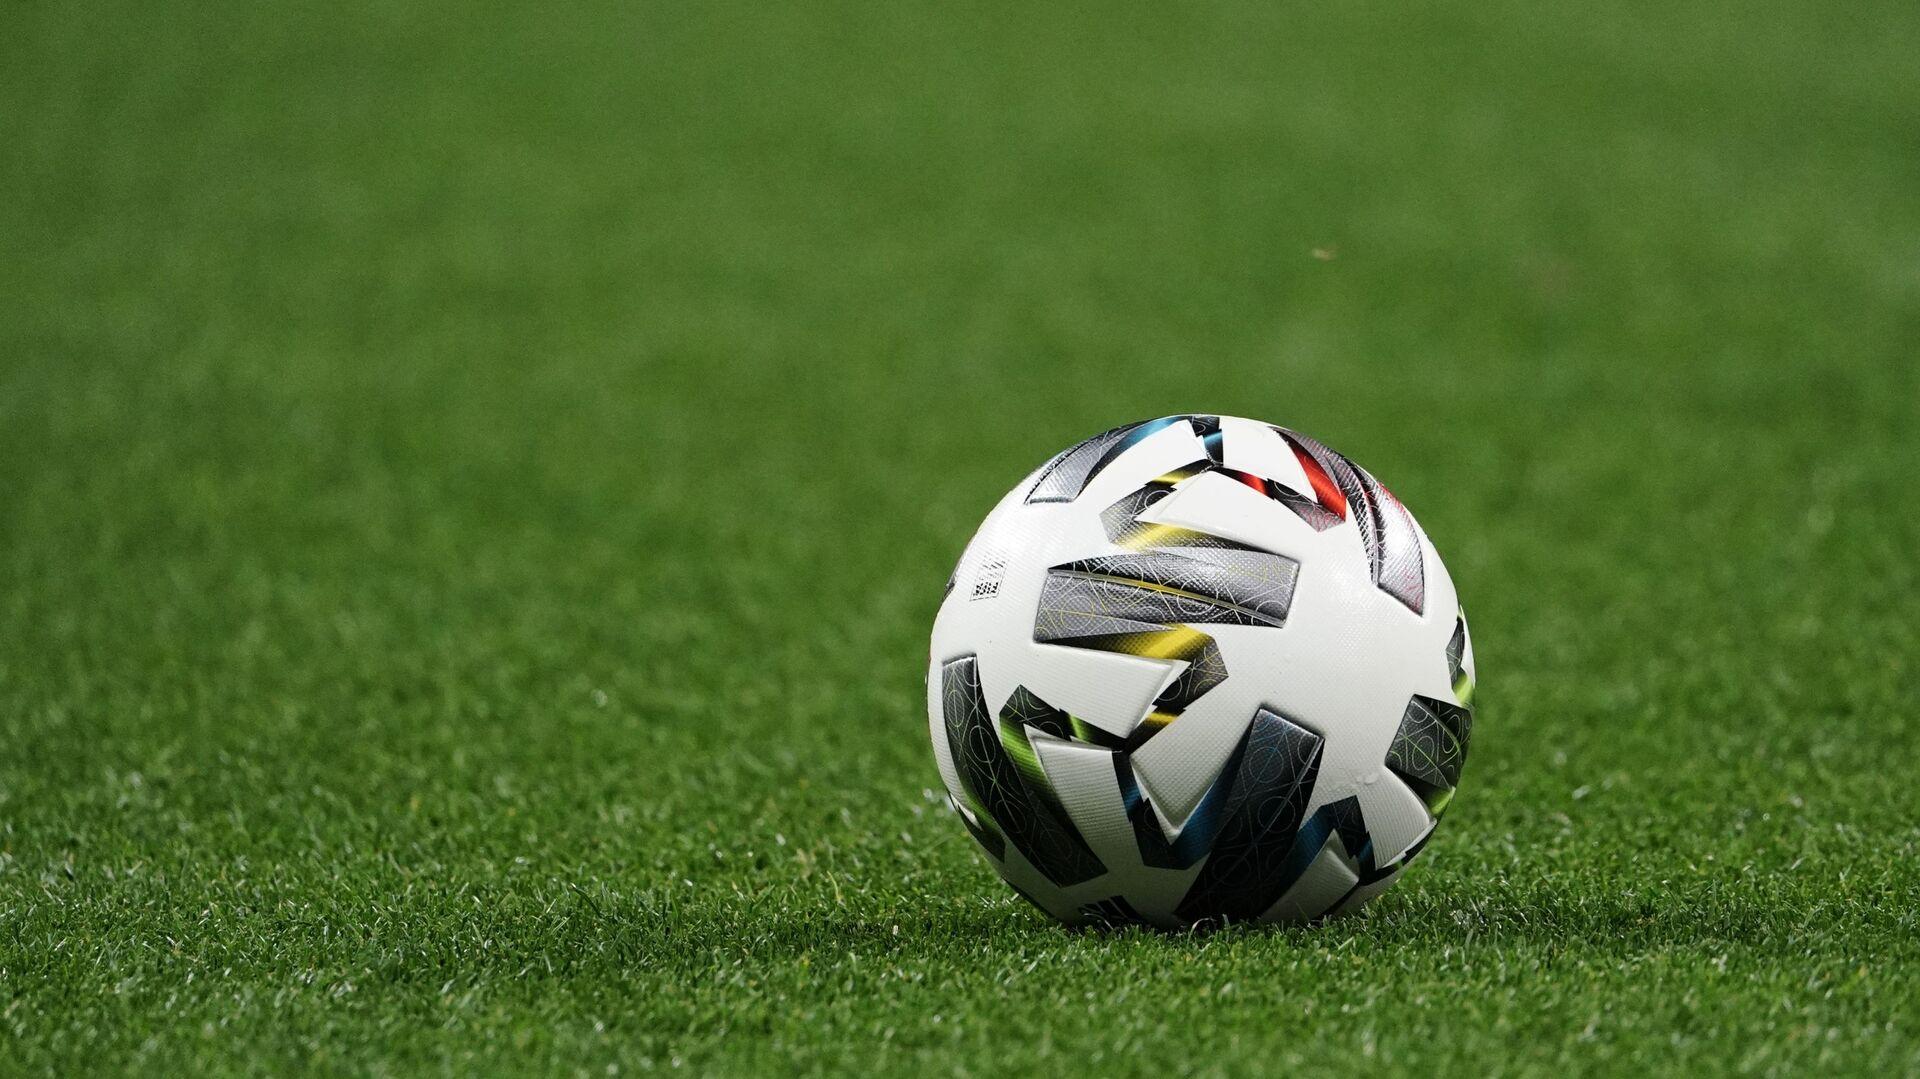 Palla in un campo da calcio - Sputnik Italia, 1920, 12.08.2021